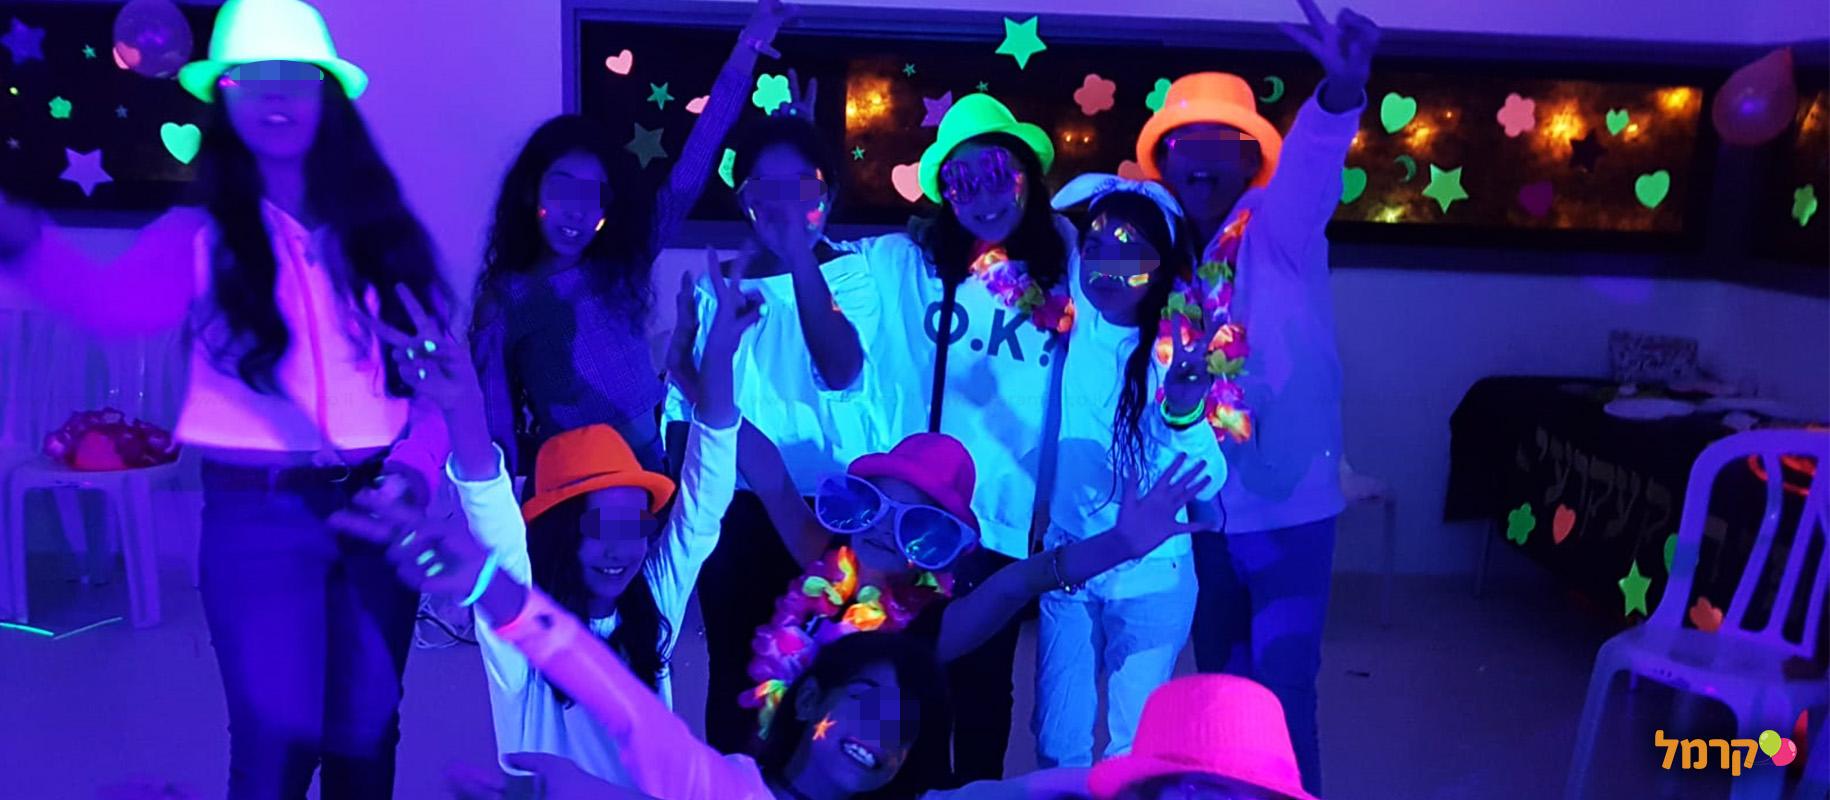 מסיבה מהחלומות - 073-7027657